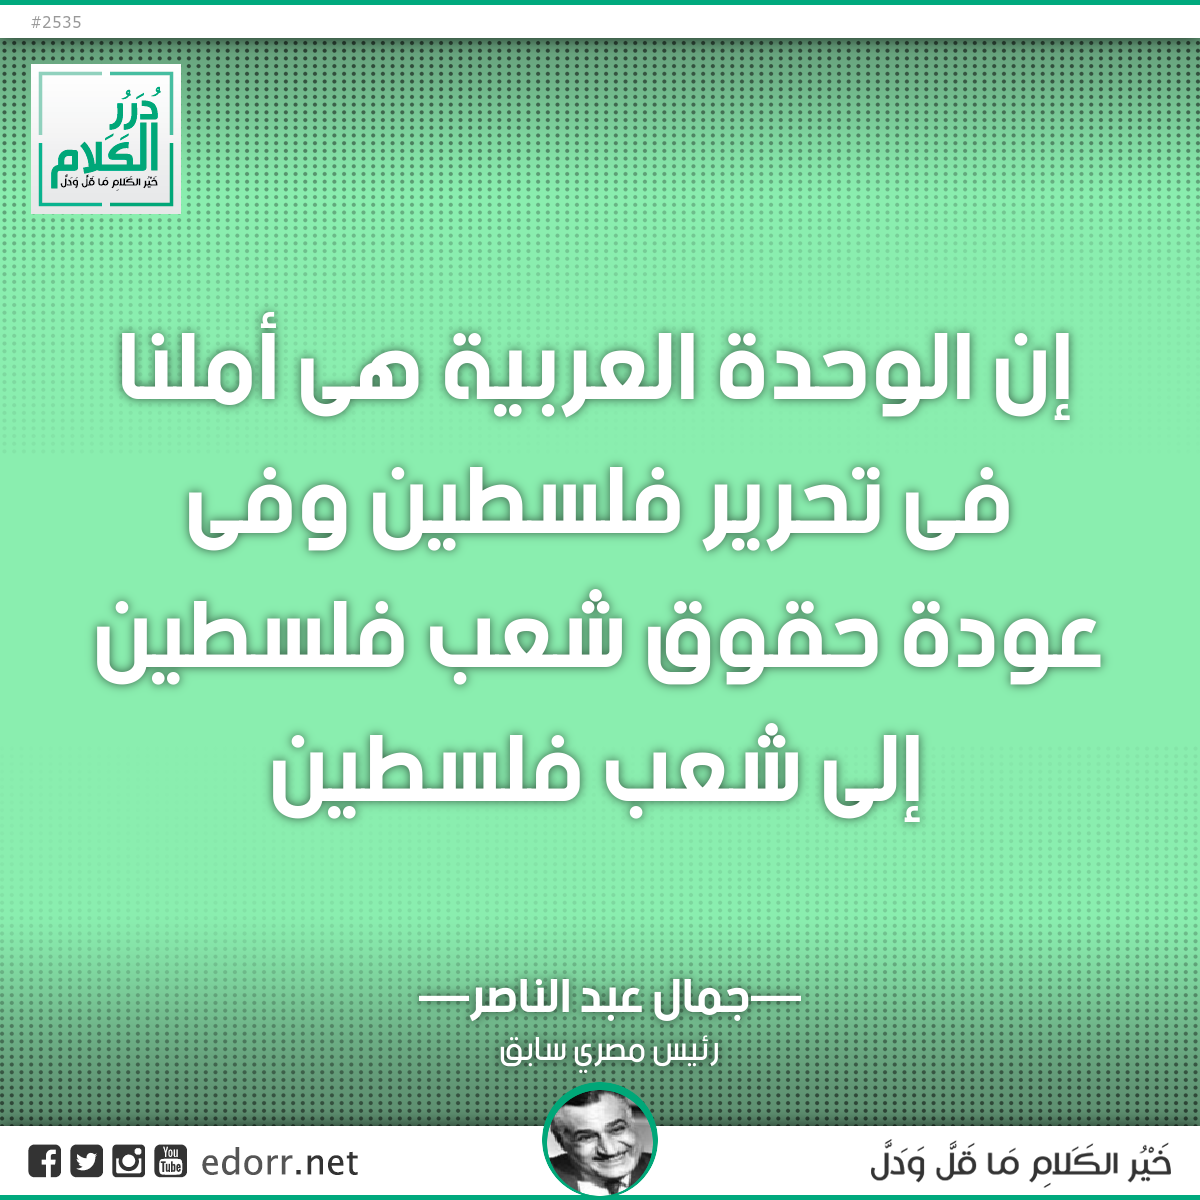 إن الوحدة العربية هى أملنا فى تحرير فلسطين وفى عودة حقوق شعب فلسطين إلى شعب فلسطين.